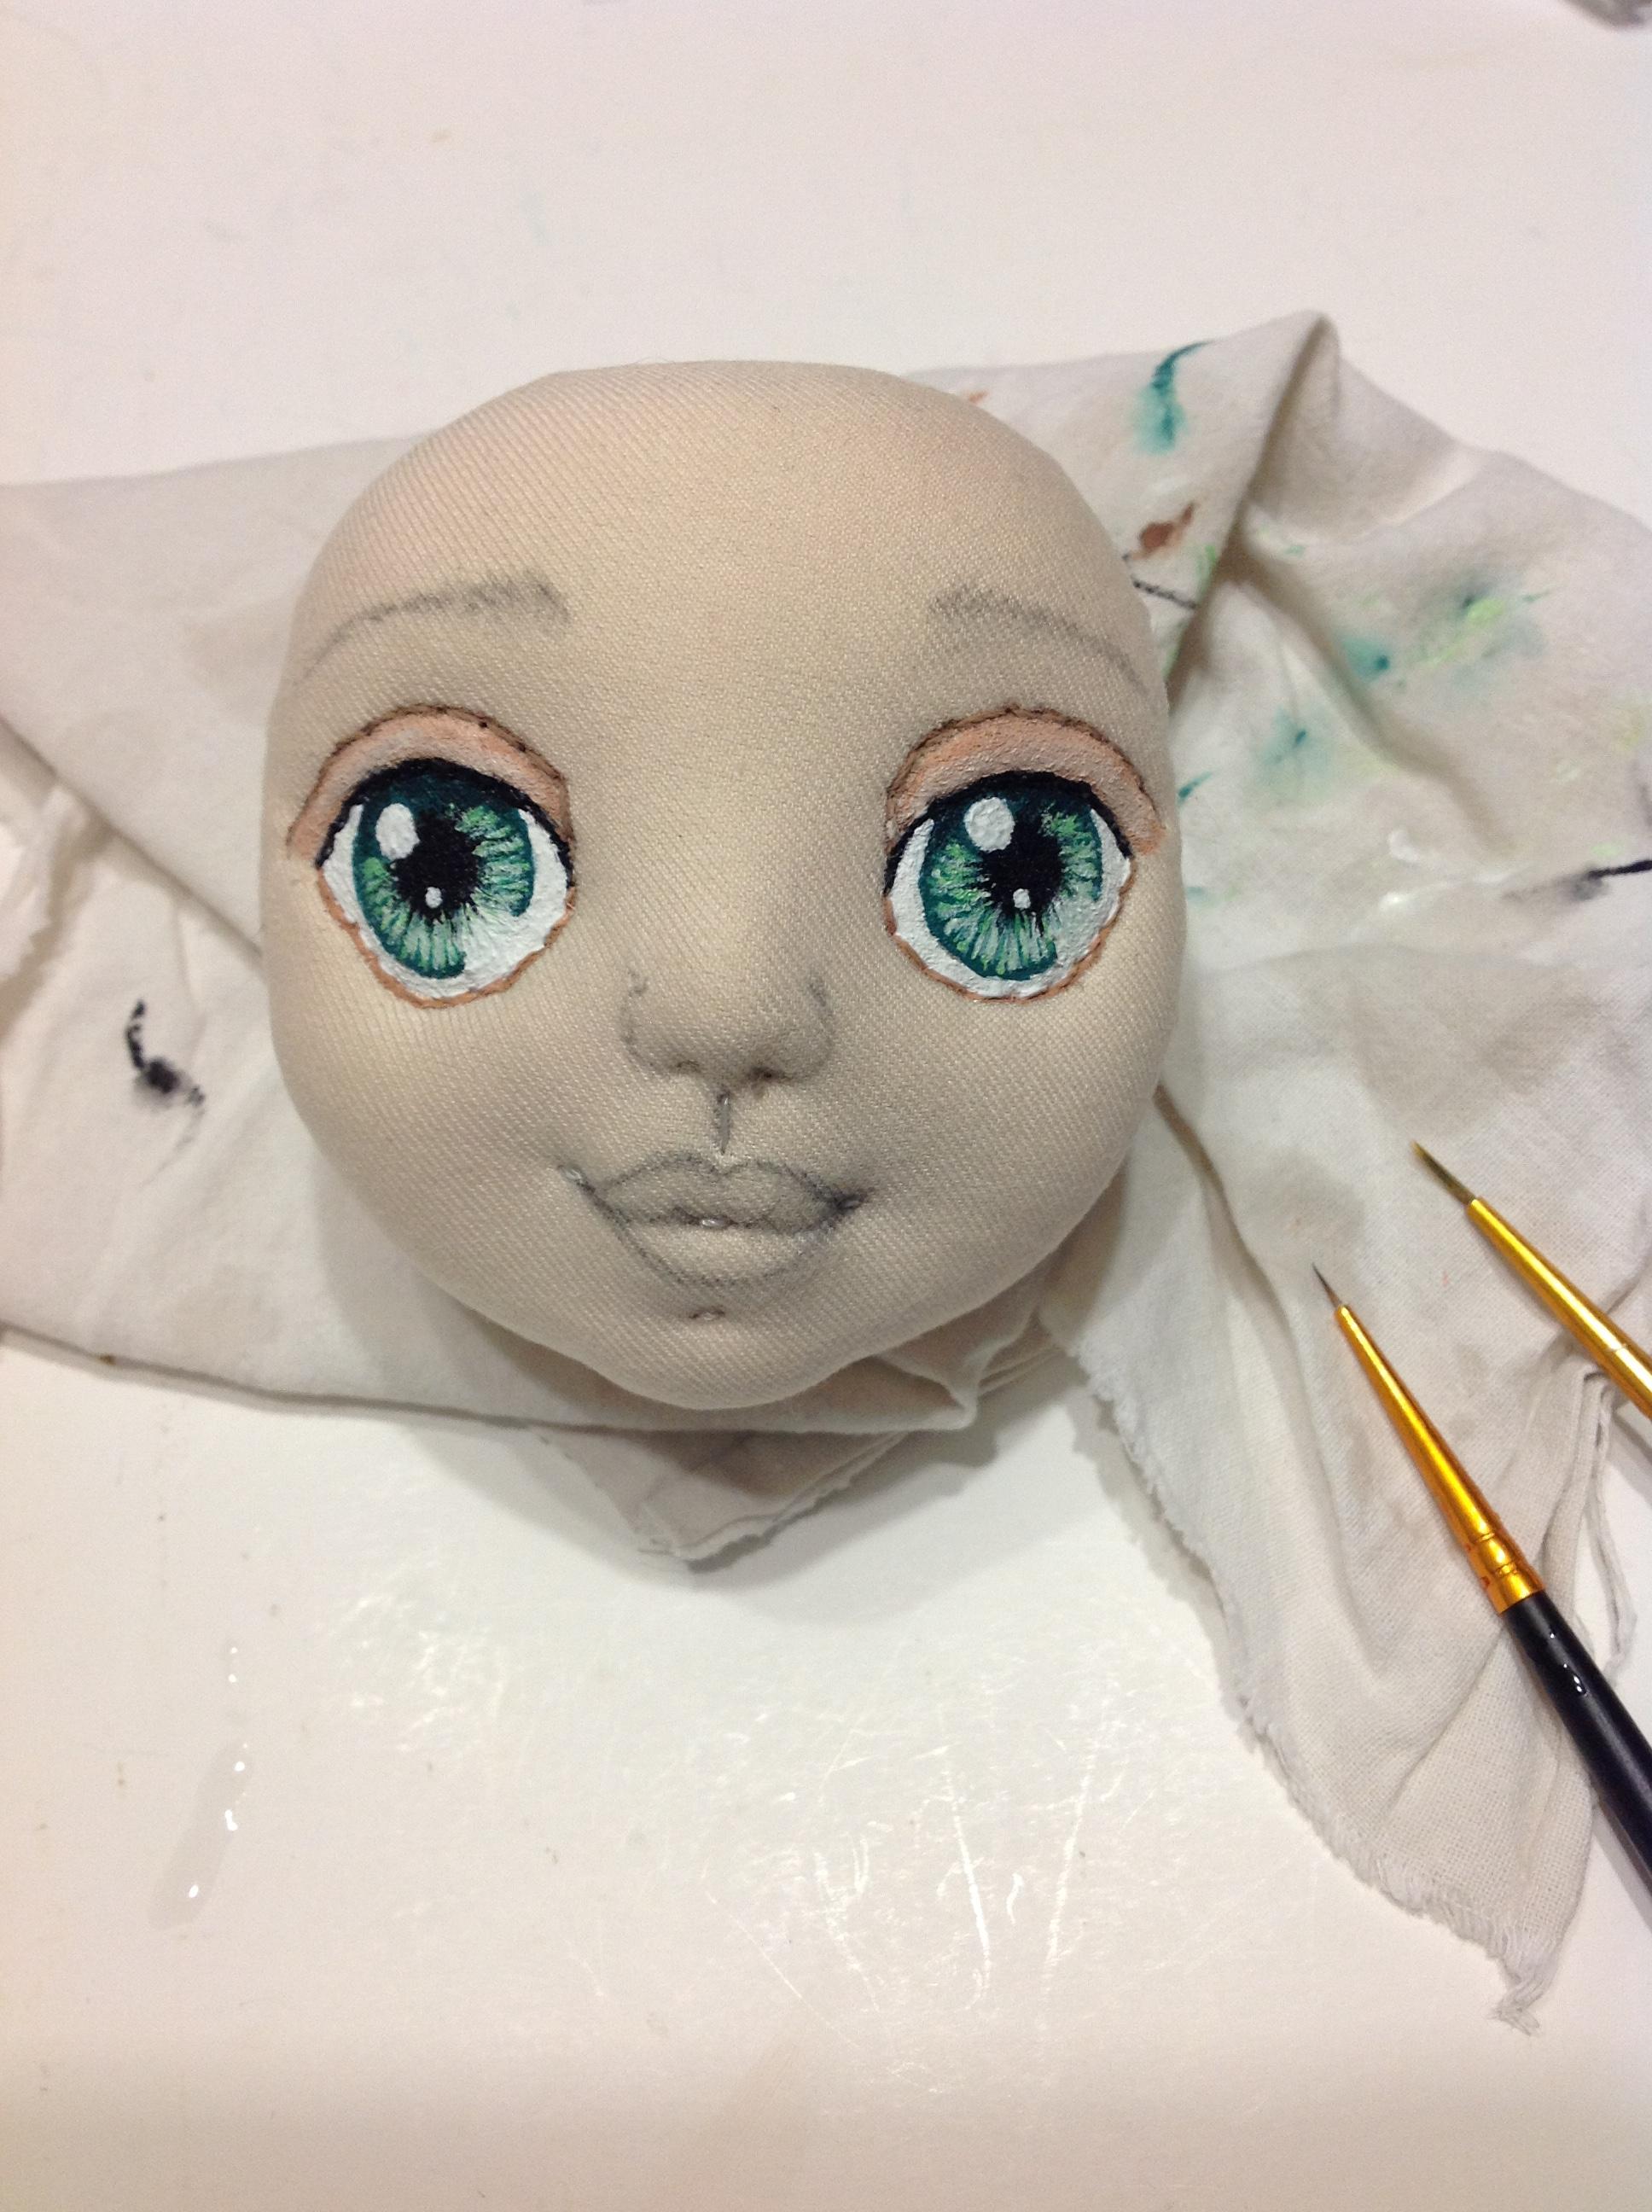 Глазки у кукол своими руками